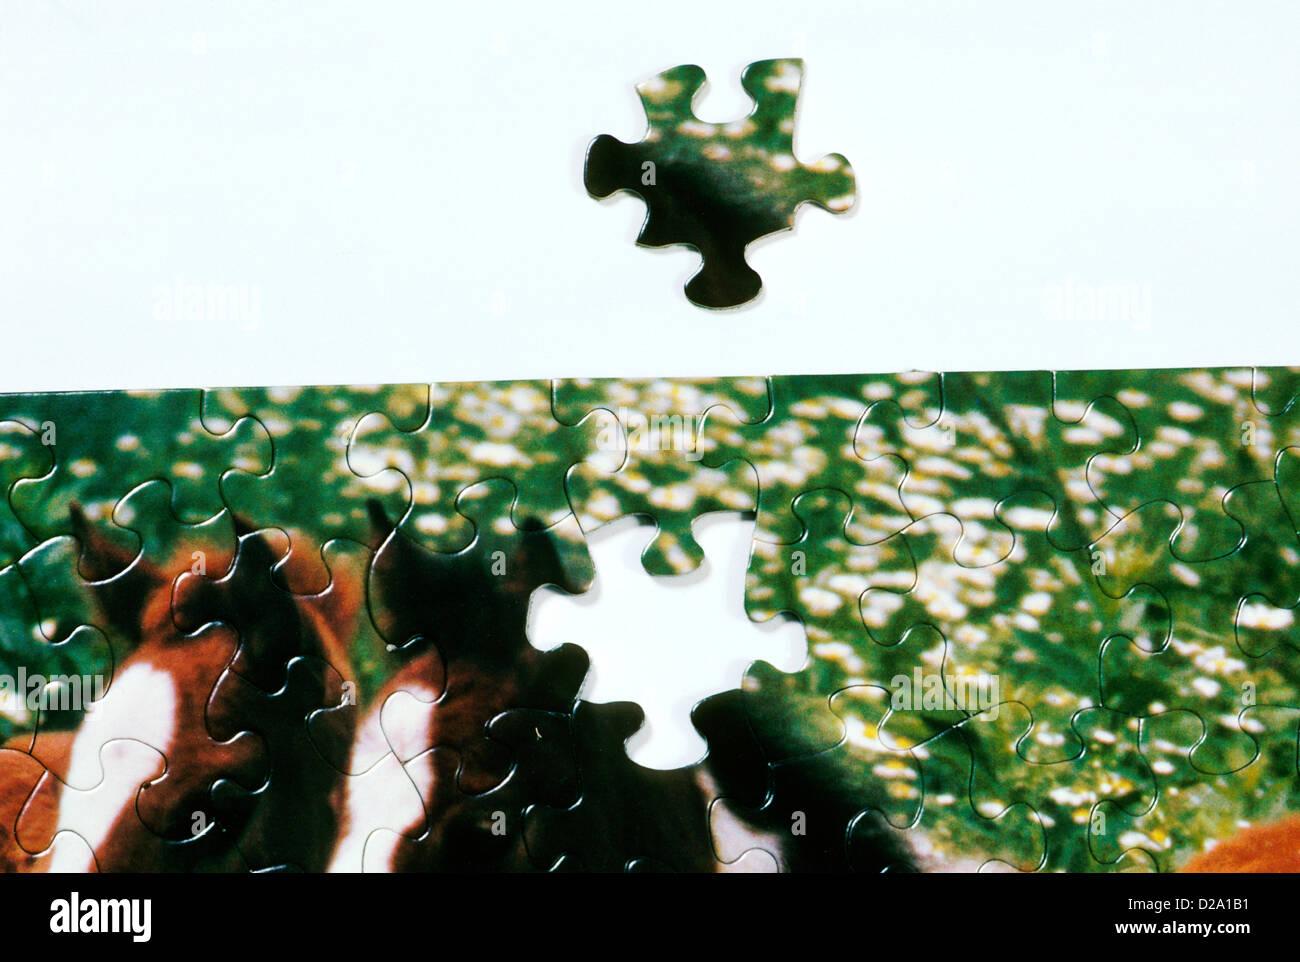 Quasi completa Puzzle Immagini Stock